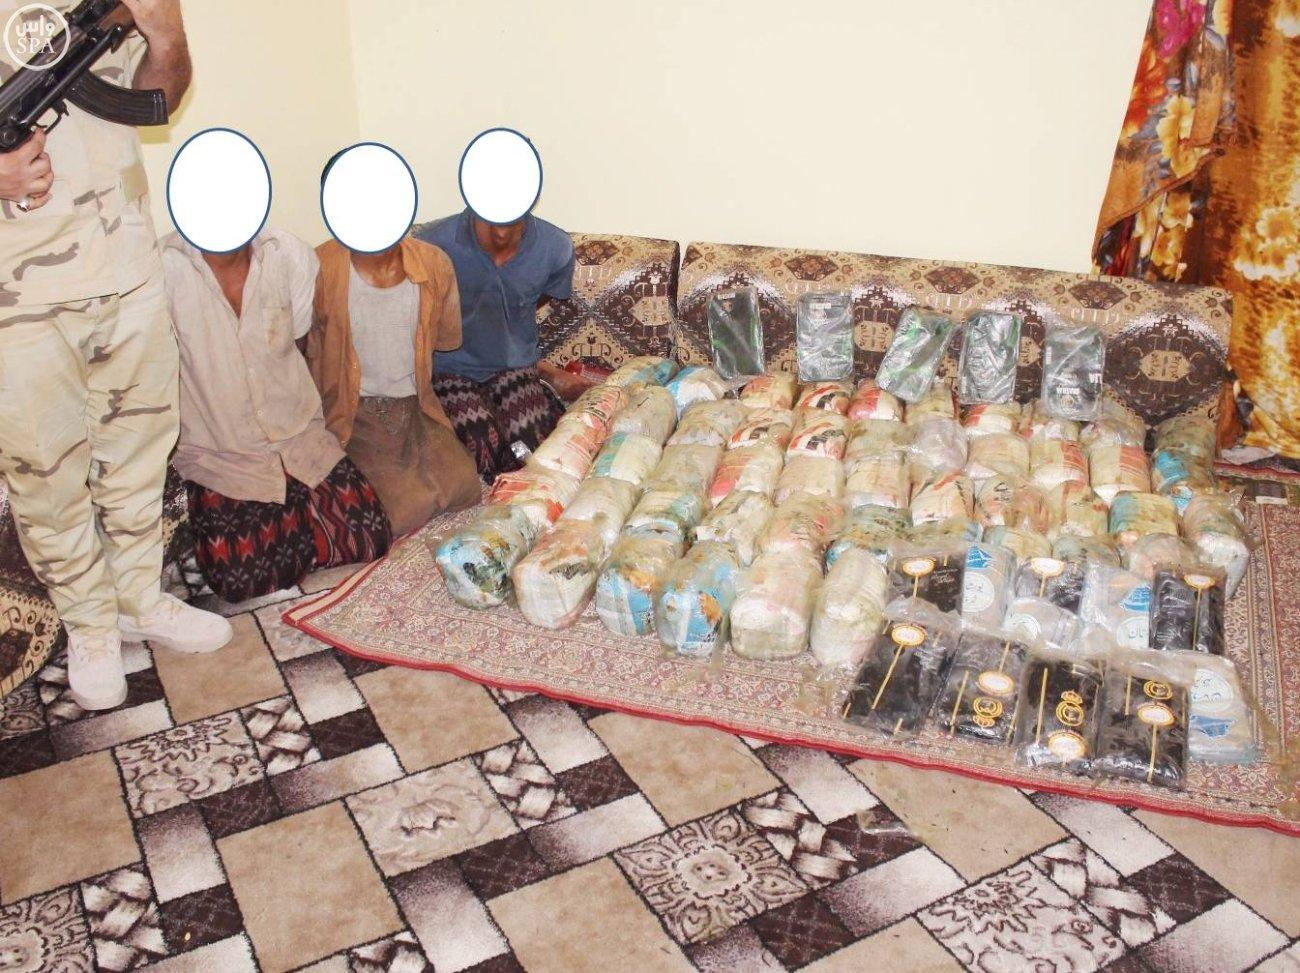 المتحدث الأمني لوزارة الداخلية يكشف عن نتائج تنفيذ مهام رجال الأمن في مكافحة جرائم تهريب وترويج المخدرات والقبض على المتورطين فيها - Copy